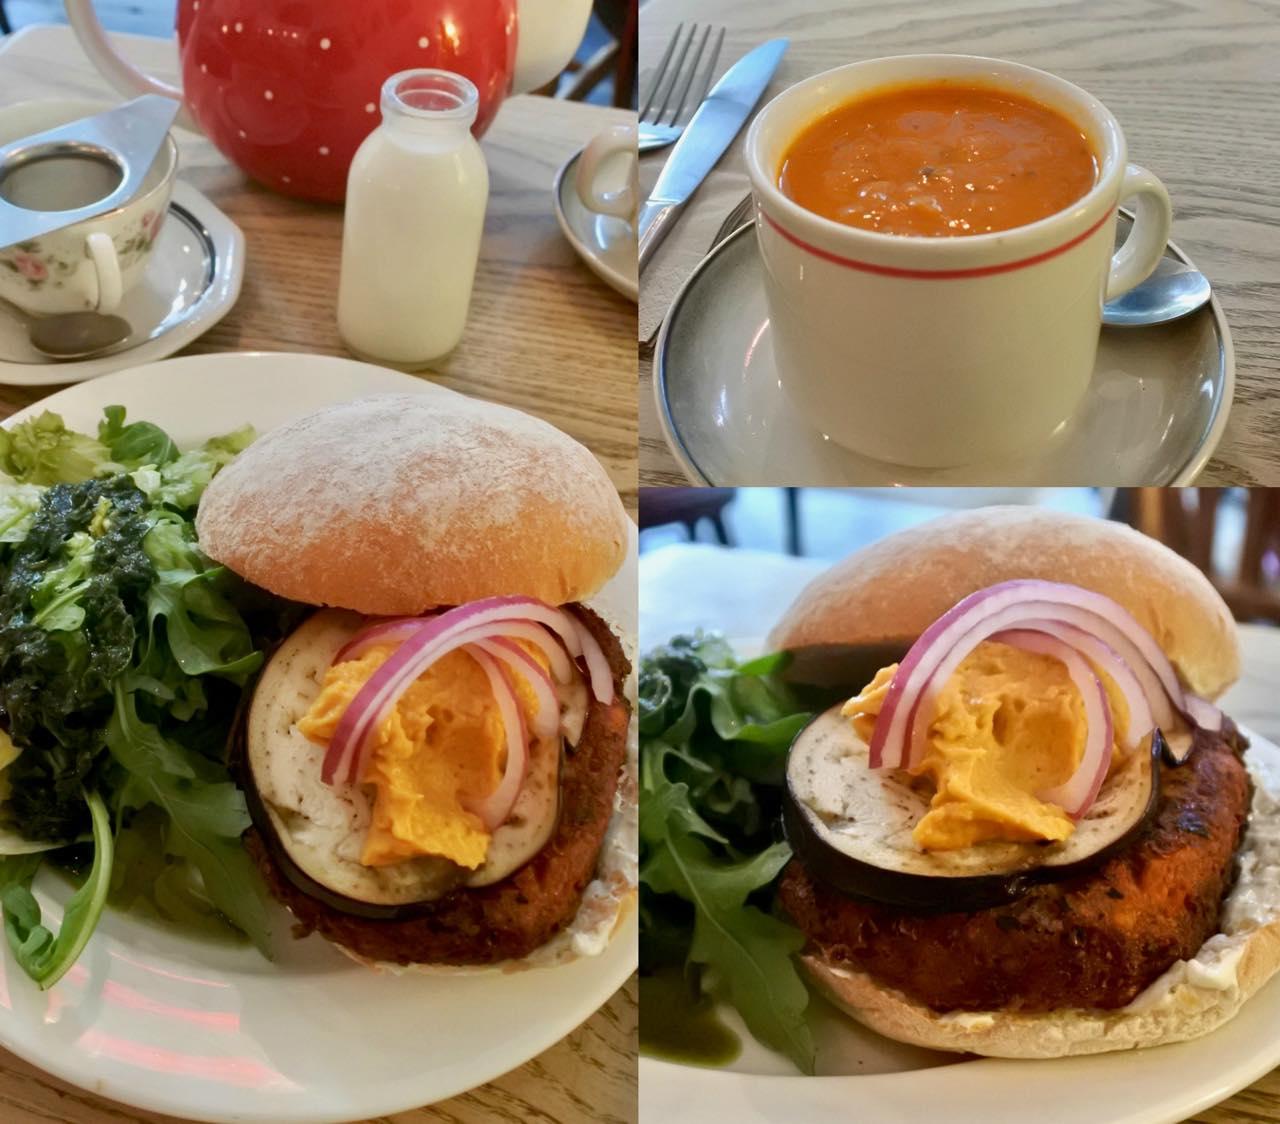 こちらが超オススメのファラフェルとナスのバーガー。ファラフェル団子が美味しい! カップ・スープ付きとドリンクが付いたお得なランチセットもあります♡